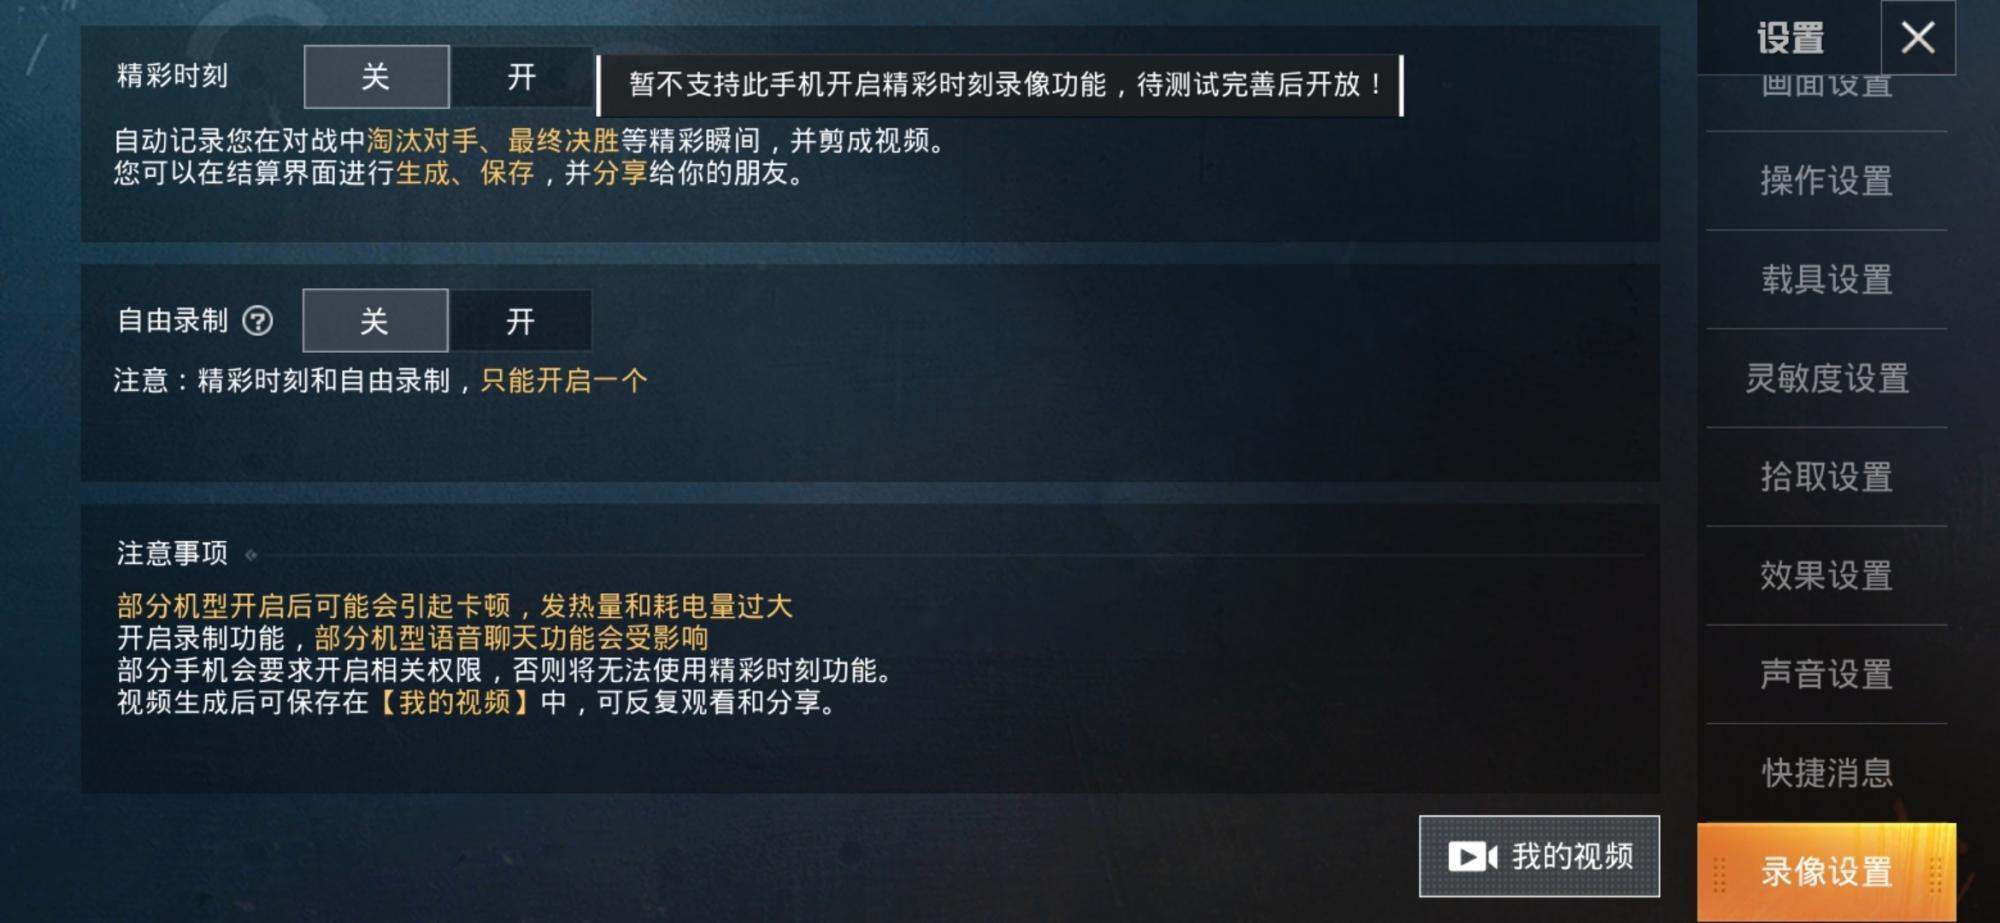 Screenshot_20190608_204427_com.tencent.tmgp.pubgmhd.jpg